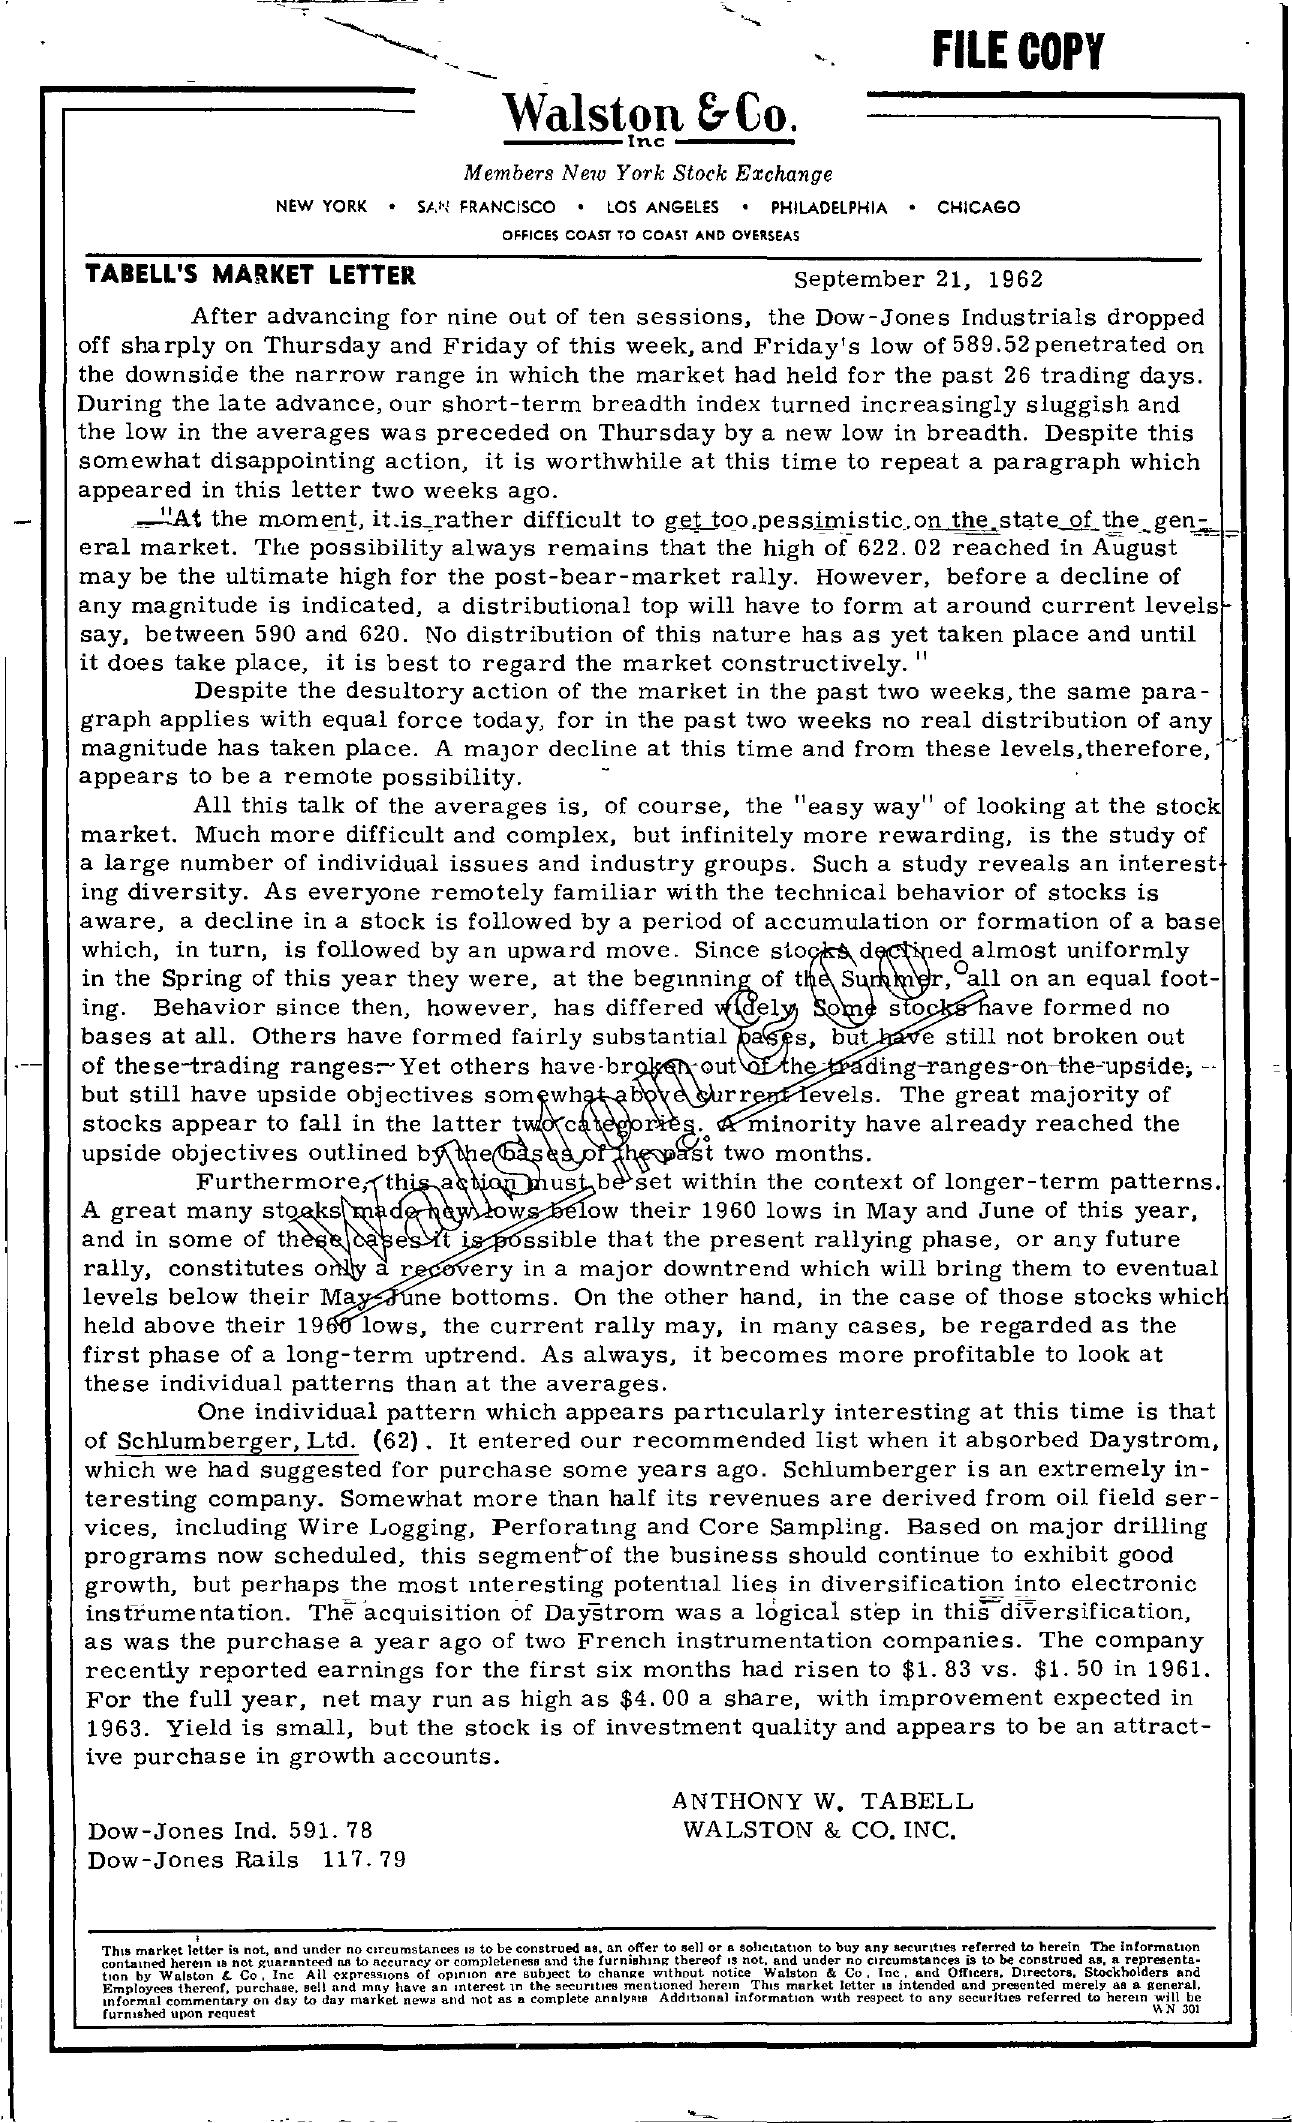 Tabell's Market Letter - September 21, 1962